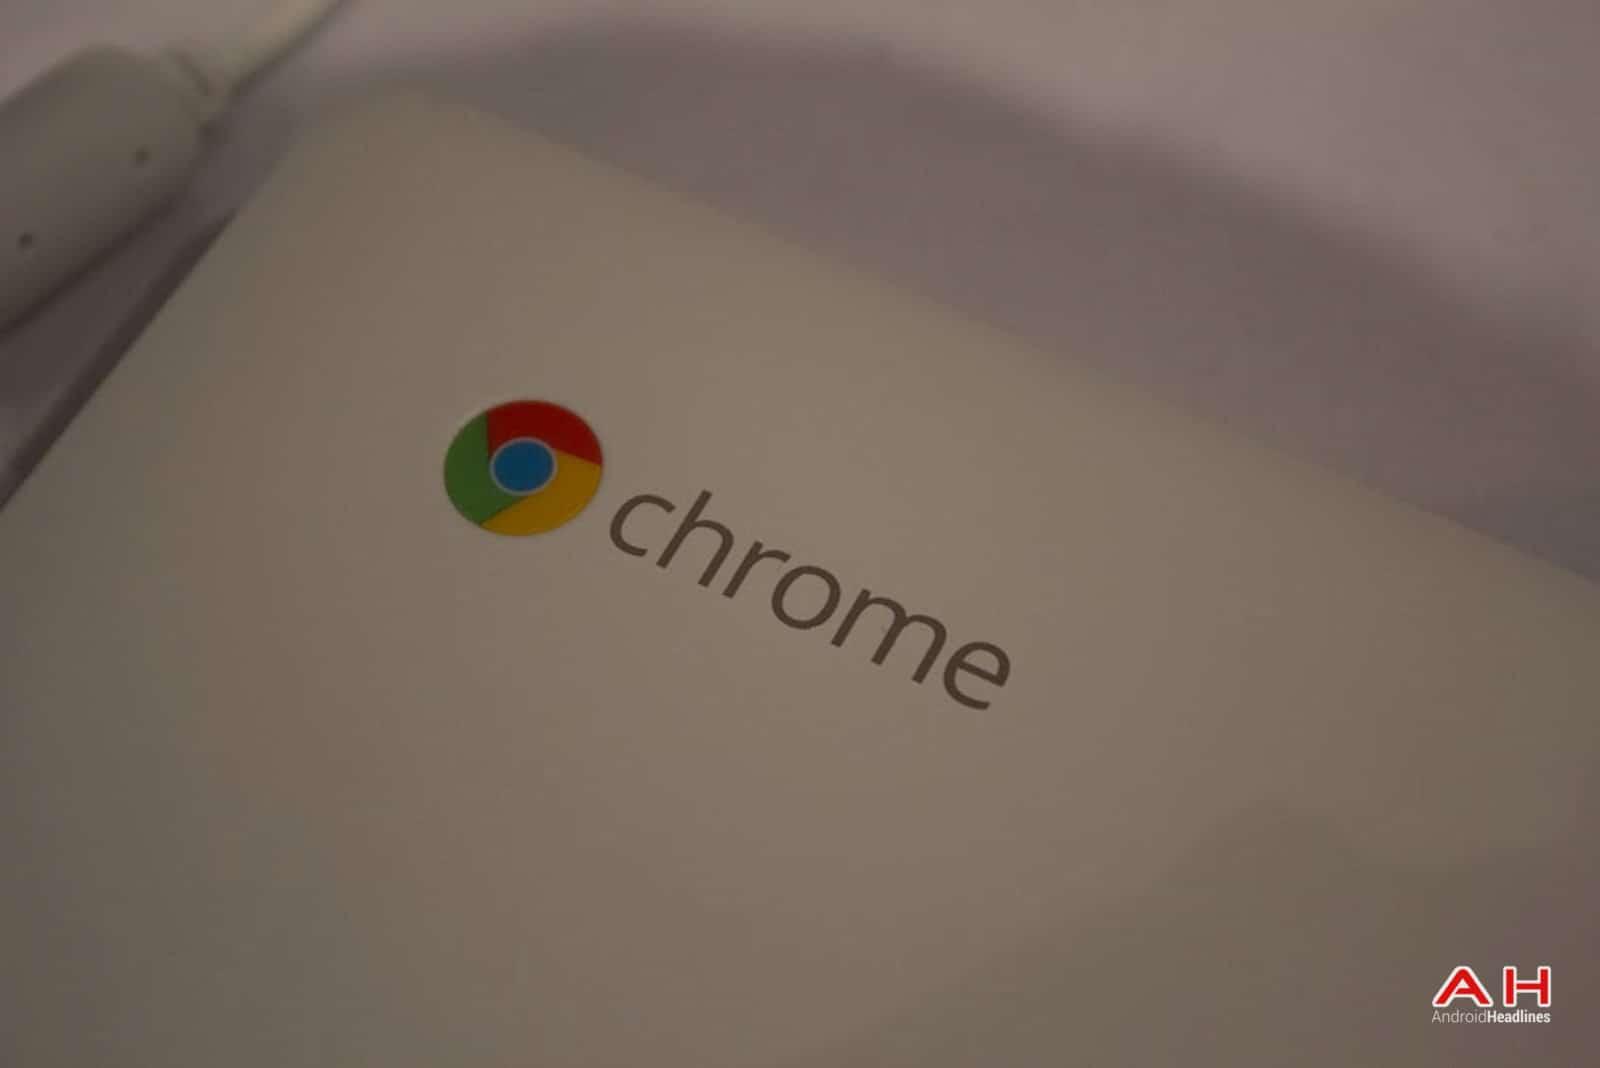 AH Acer Chromebook 15-8